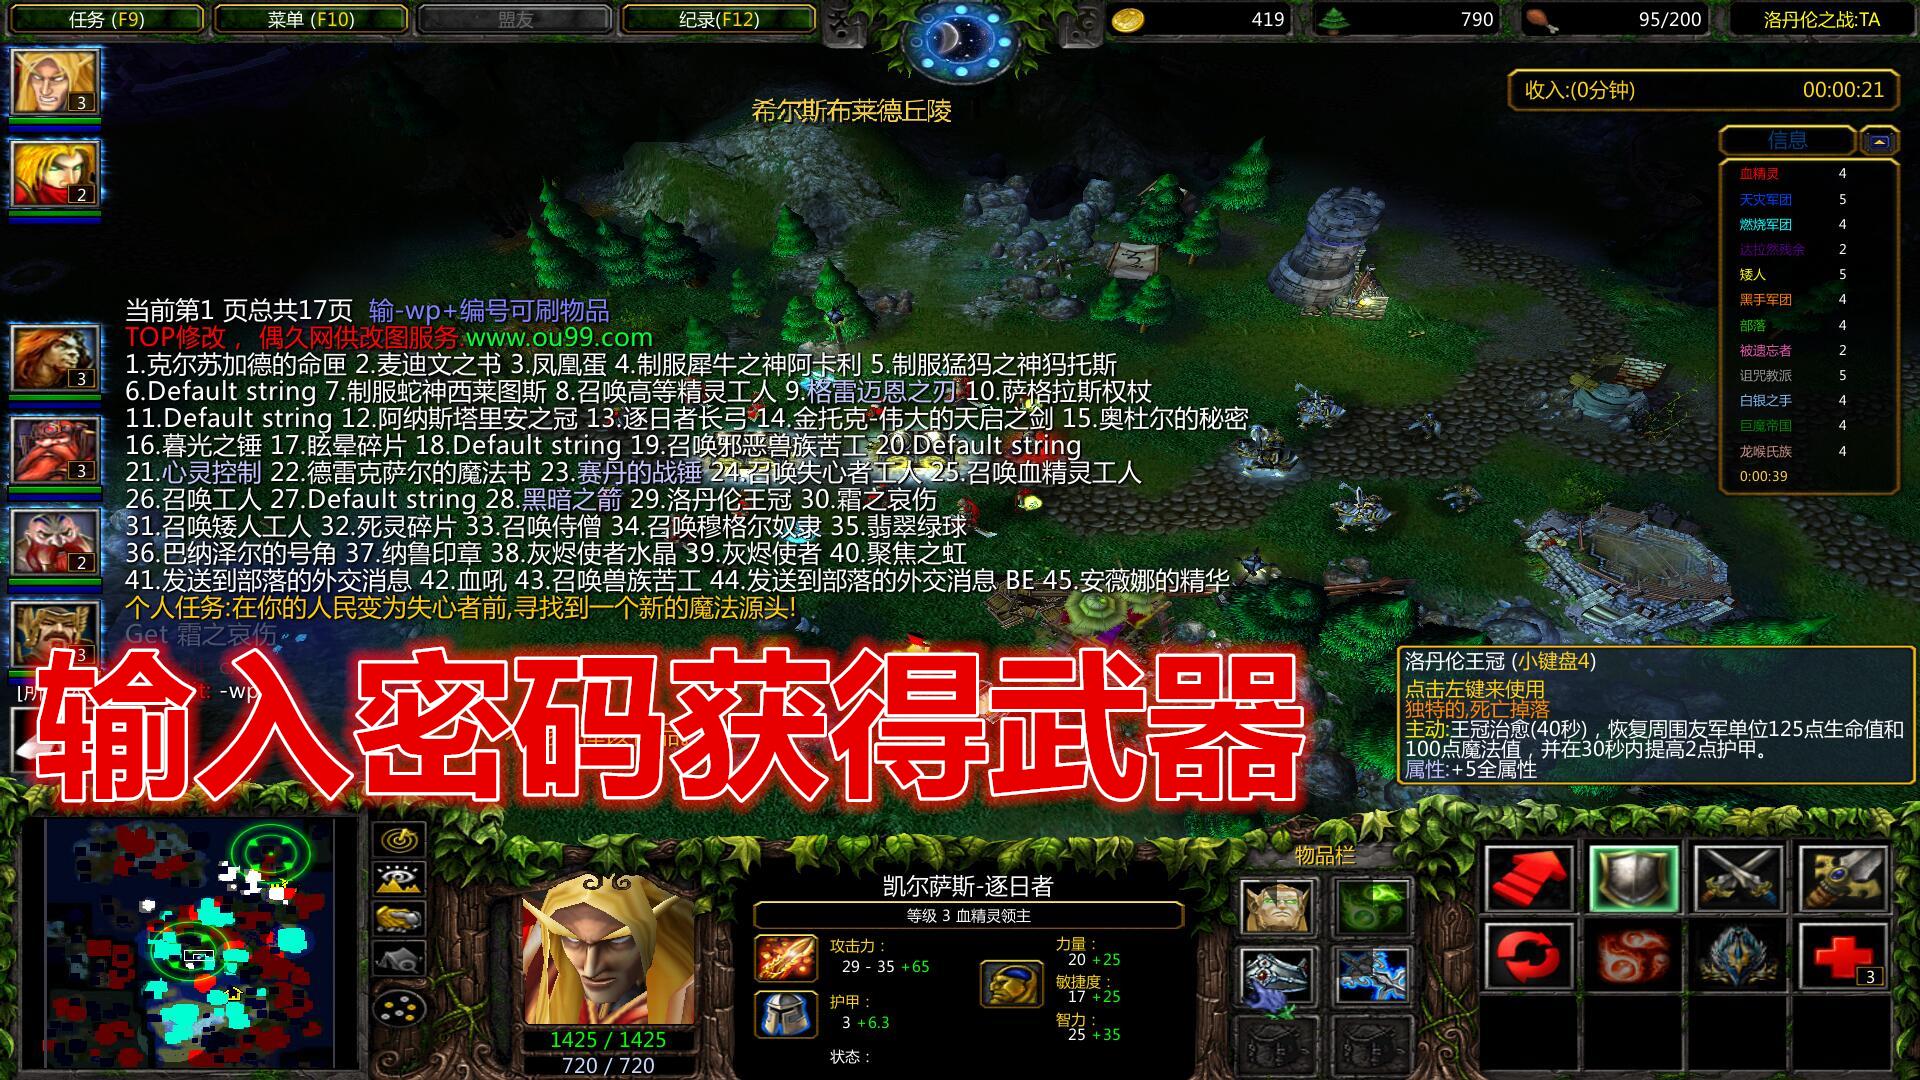 洛丹伦之战:TA中文版1.6.37TOP破解 洛丹伦王冠+刷属性刷物品+刷钱木+无CD全屏闪